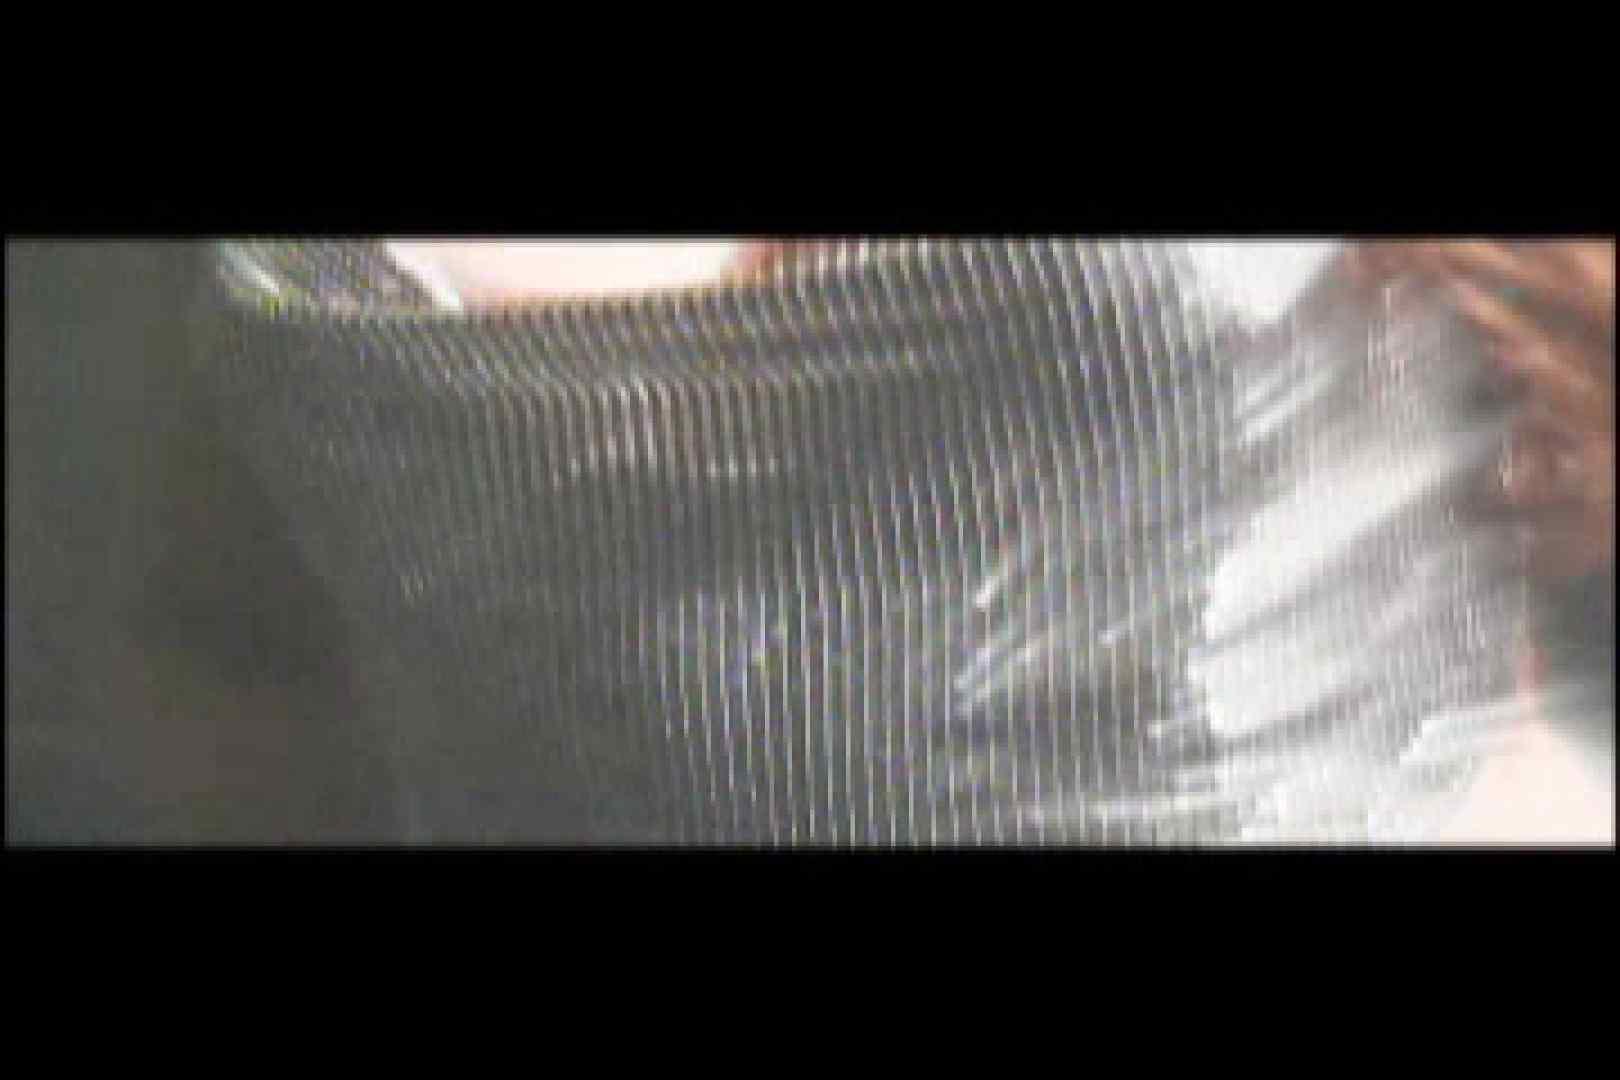 ゲイザーメン動画|世界のオネェ大集合!!NO.01|フェチ